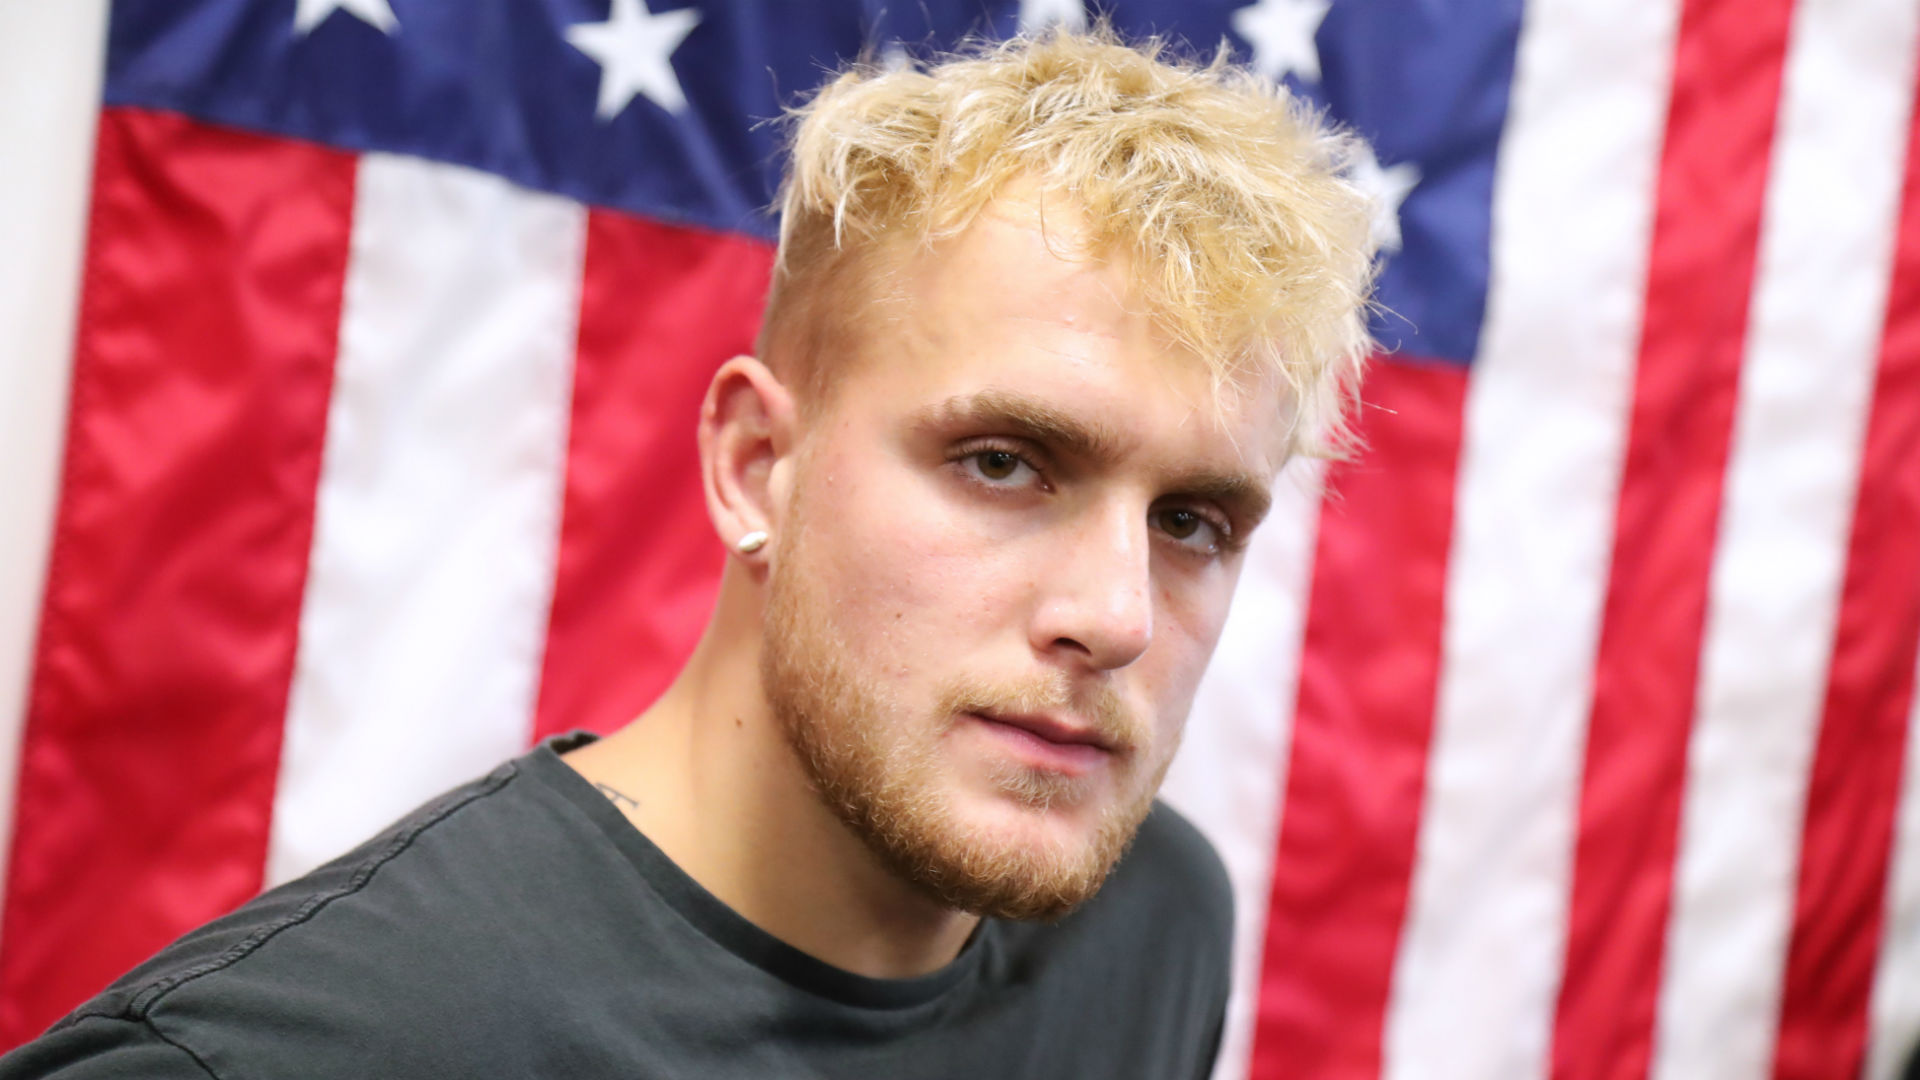 Ben Askren Set to Box Jake Paul in April 17 Boxing Match